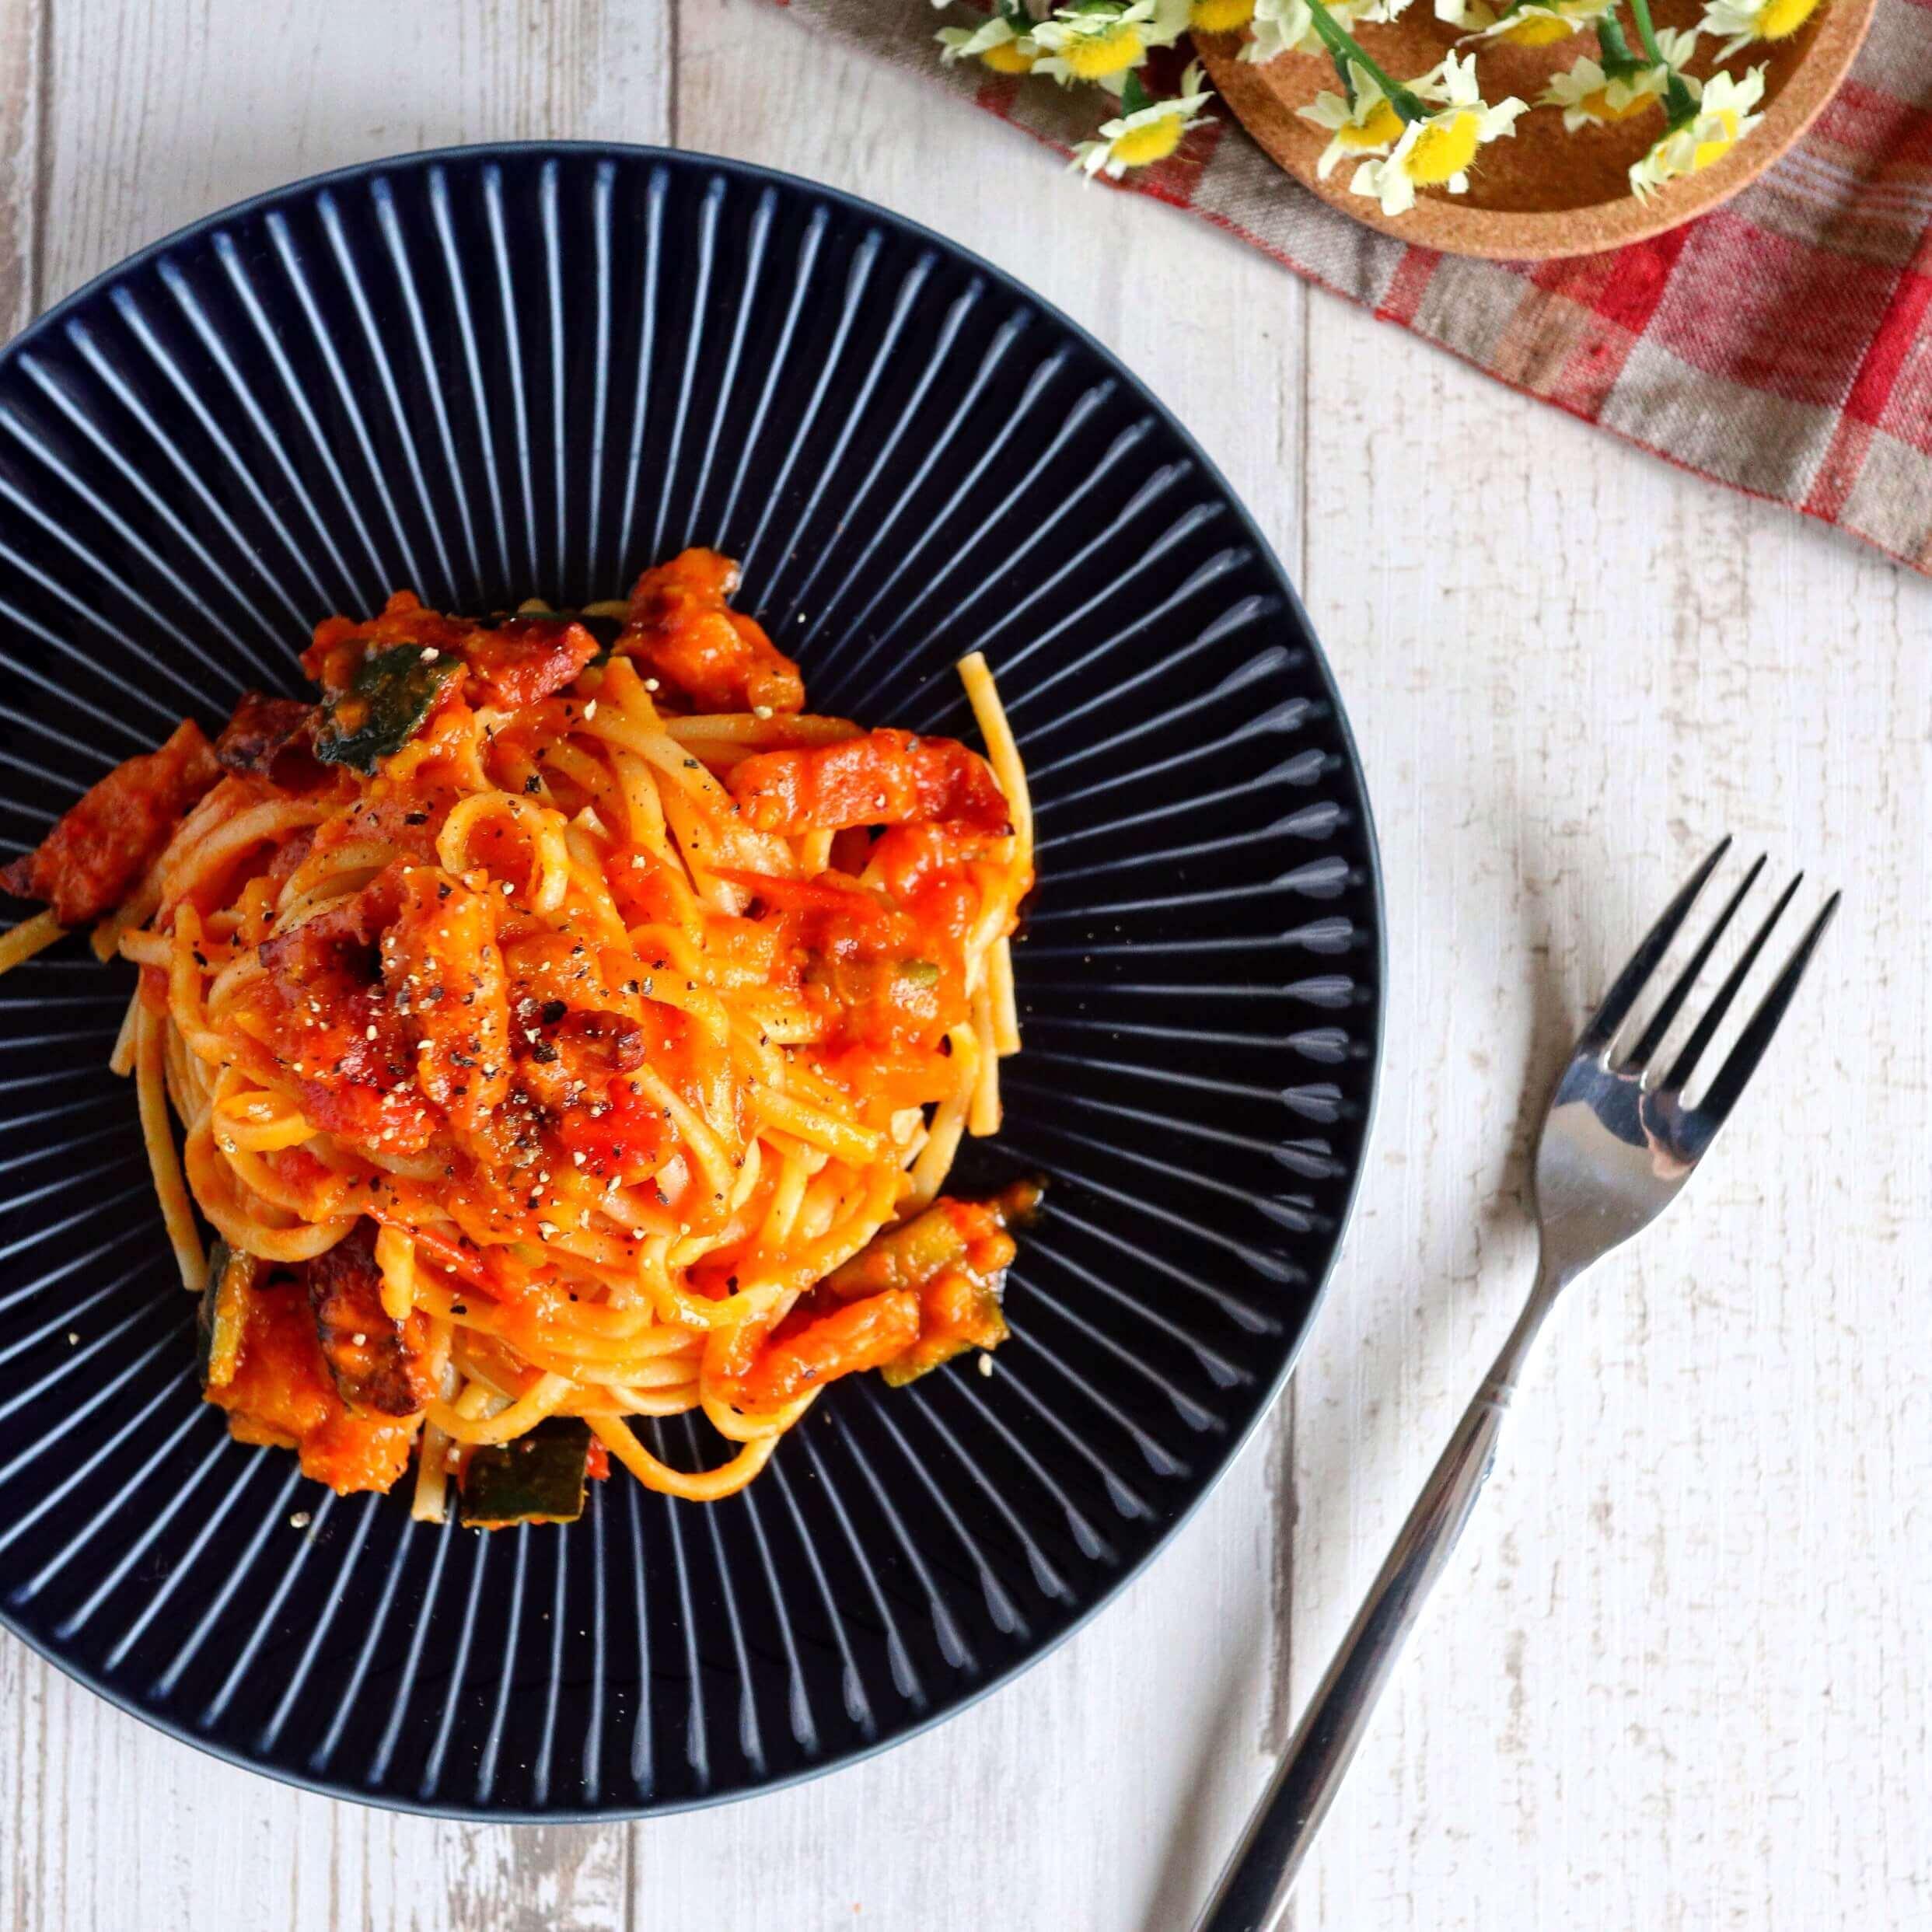 【絶品】かぼちゃとベーコンのトマトパスタのレシピ